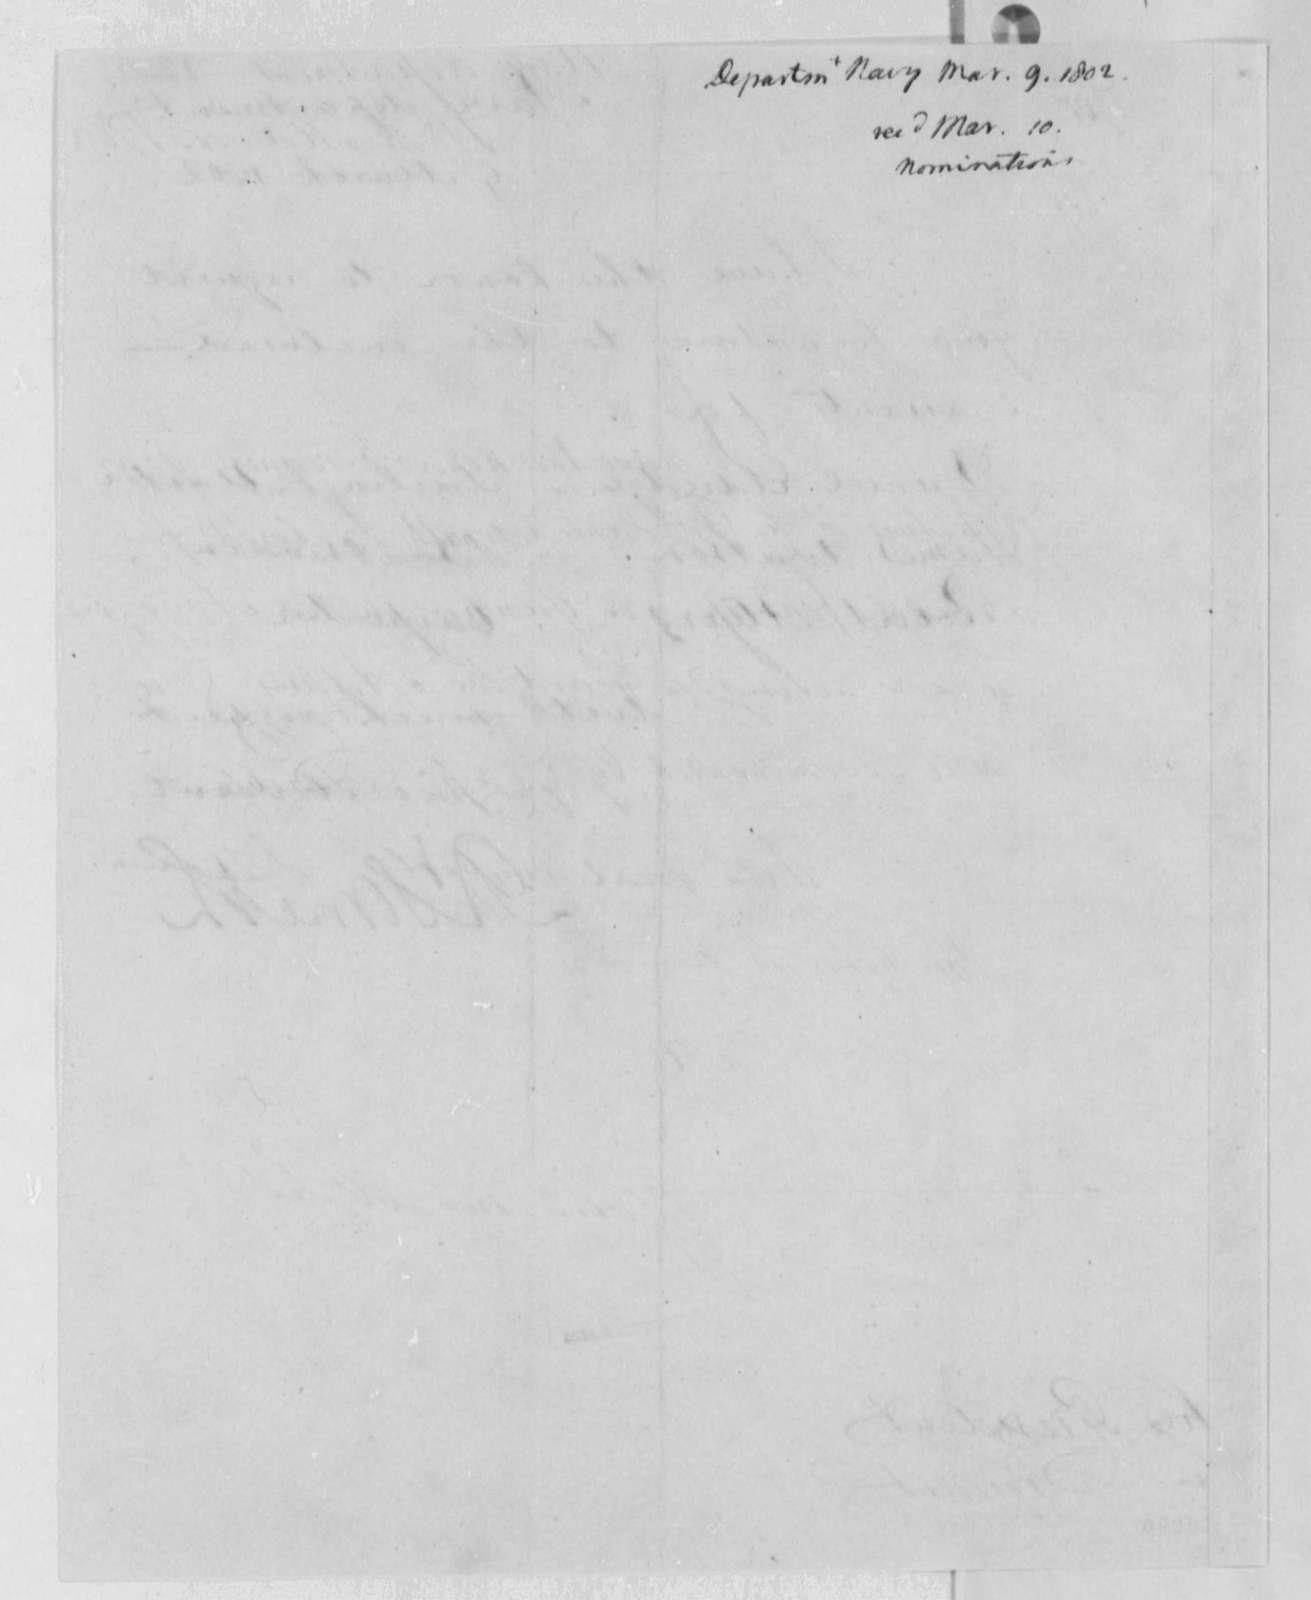 Robert Smith to Thomas Jefferson, March 9, 1802